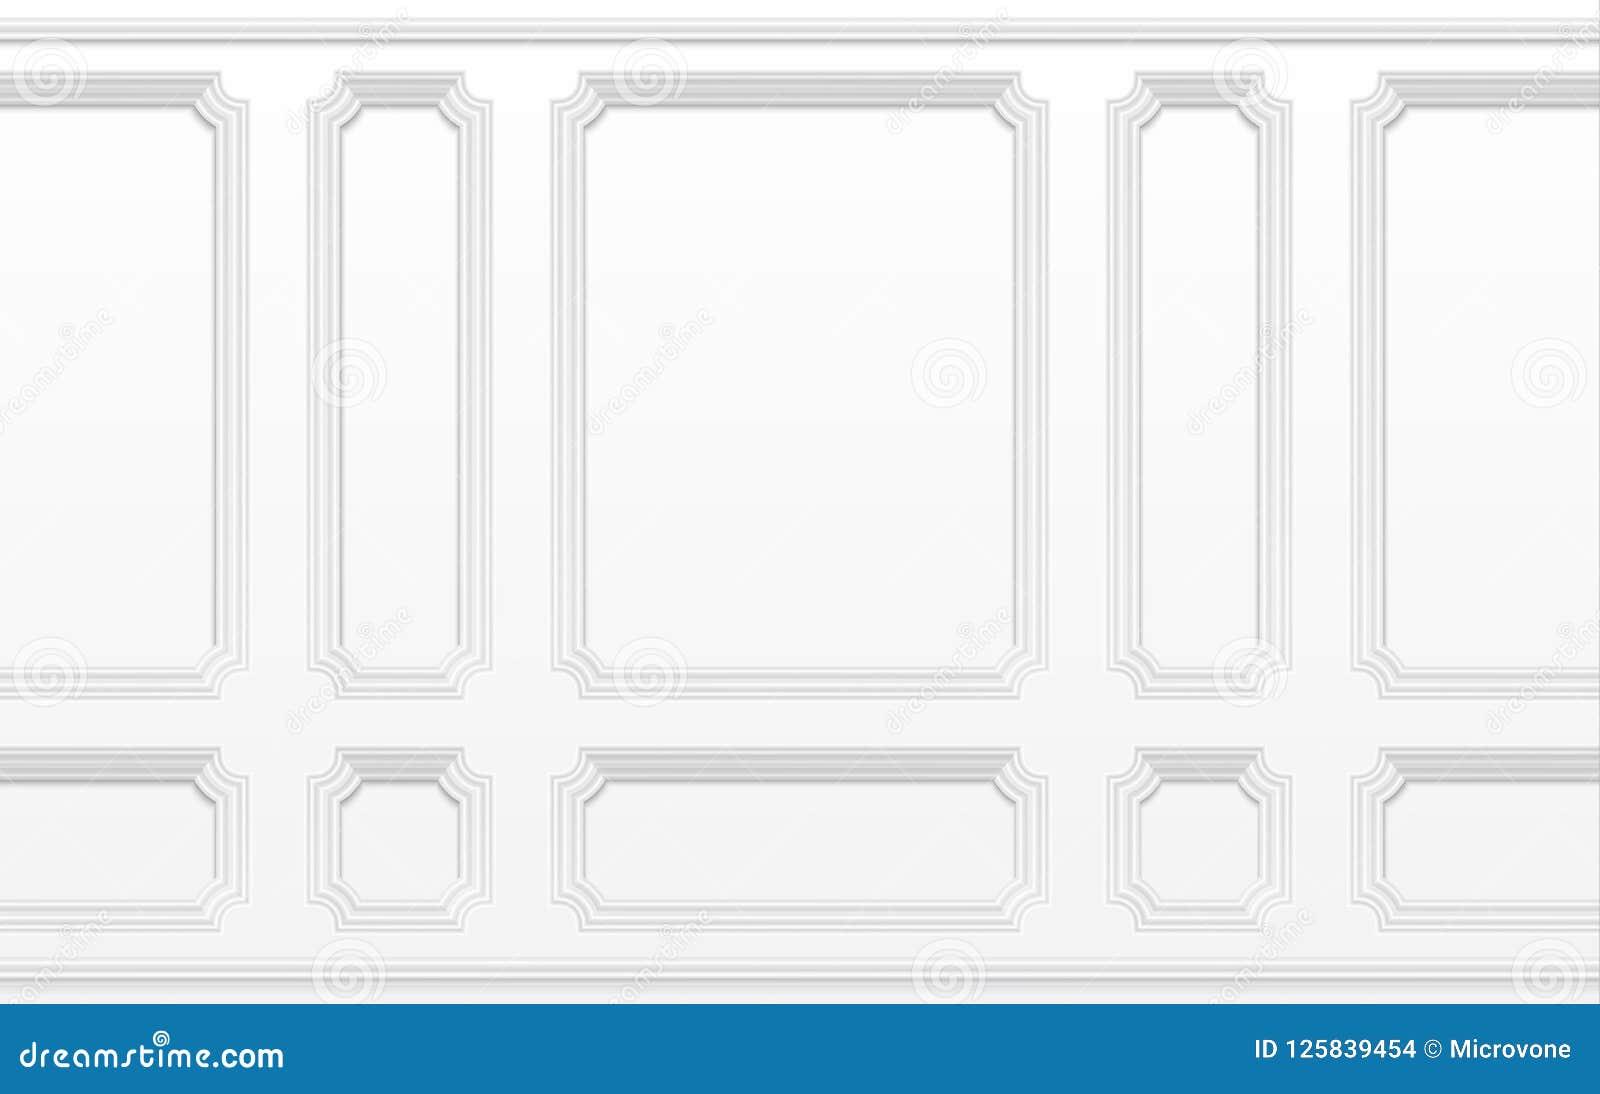 Parede branca com quadros moldando Interior clássico com painéis moldando Fundo sem emenda do vetor